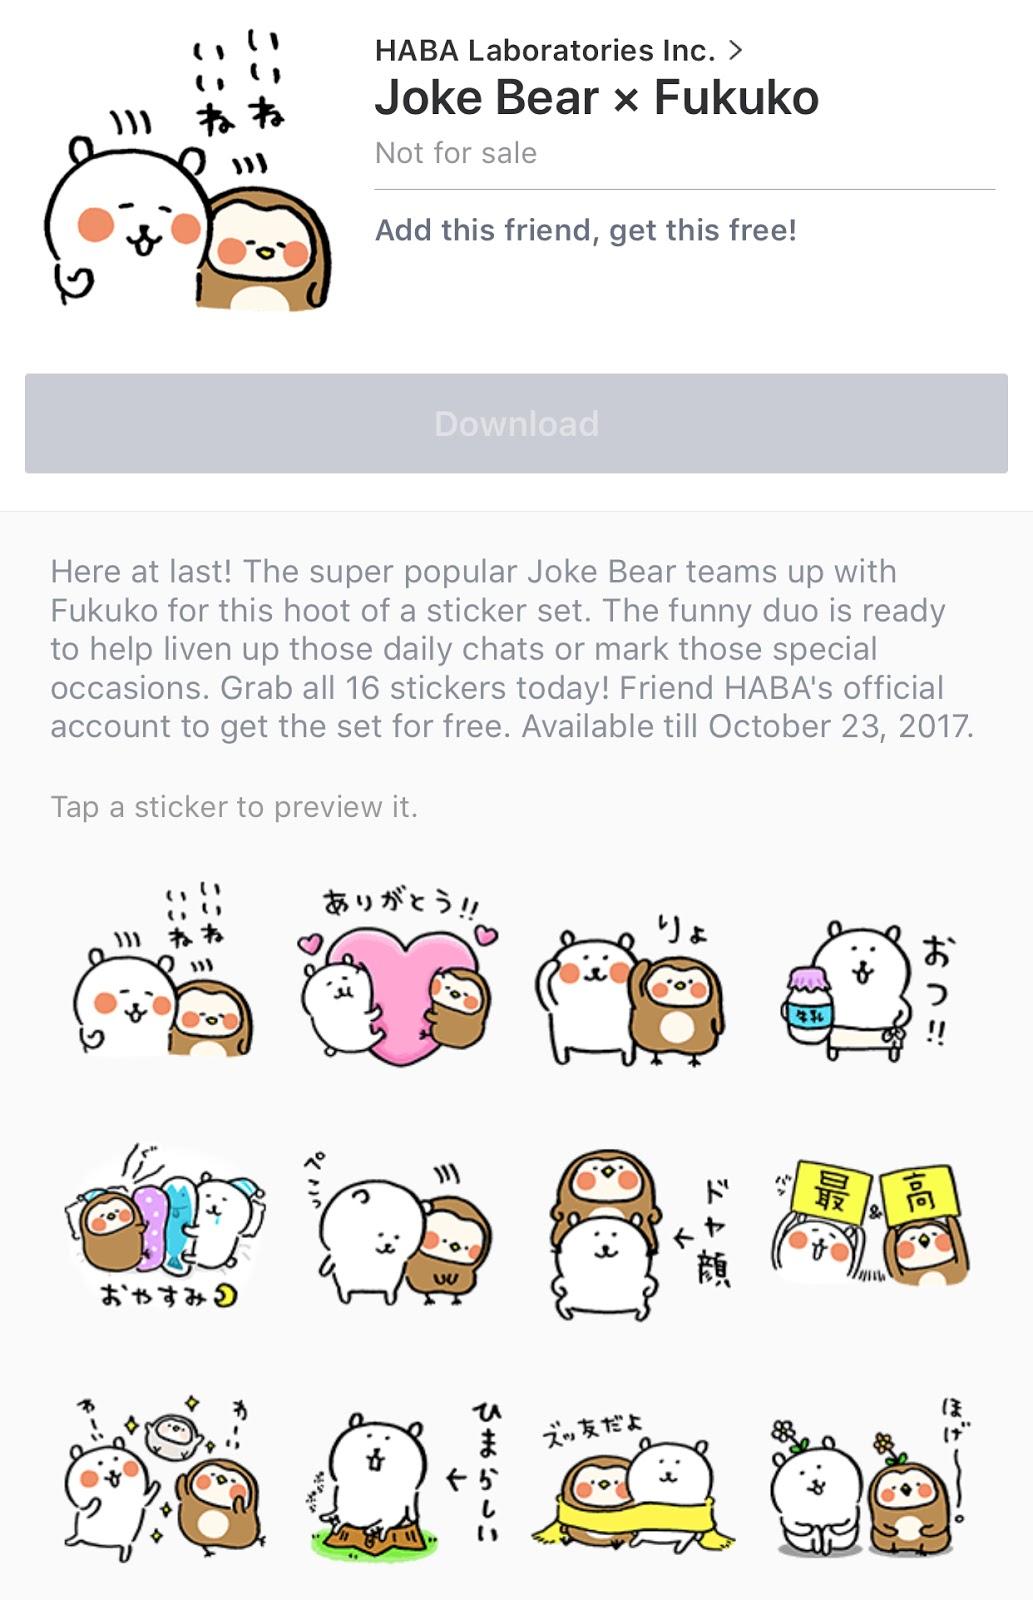 LINE Stickers Community: Free-Joke Bear × Fukuko sticker